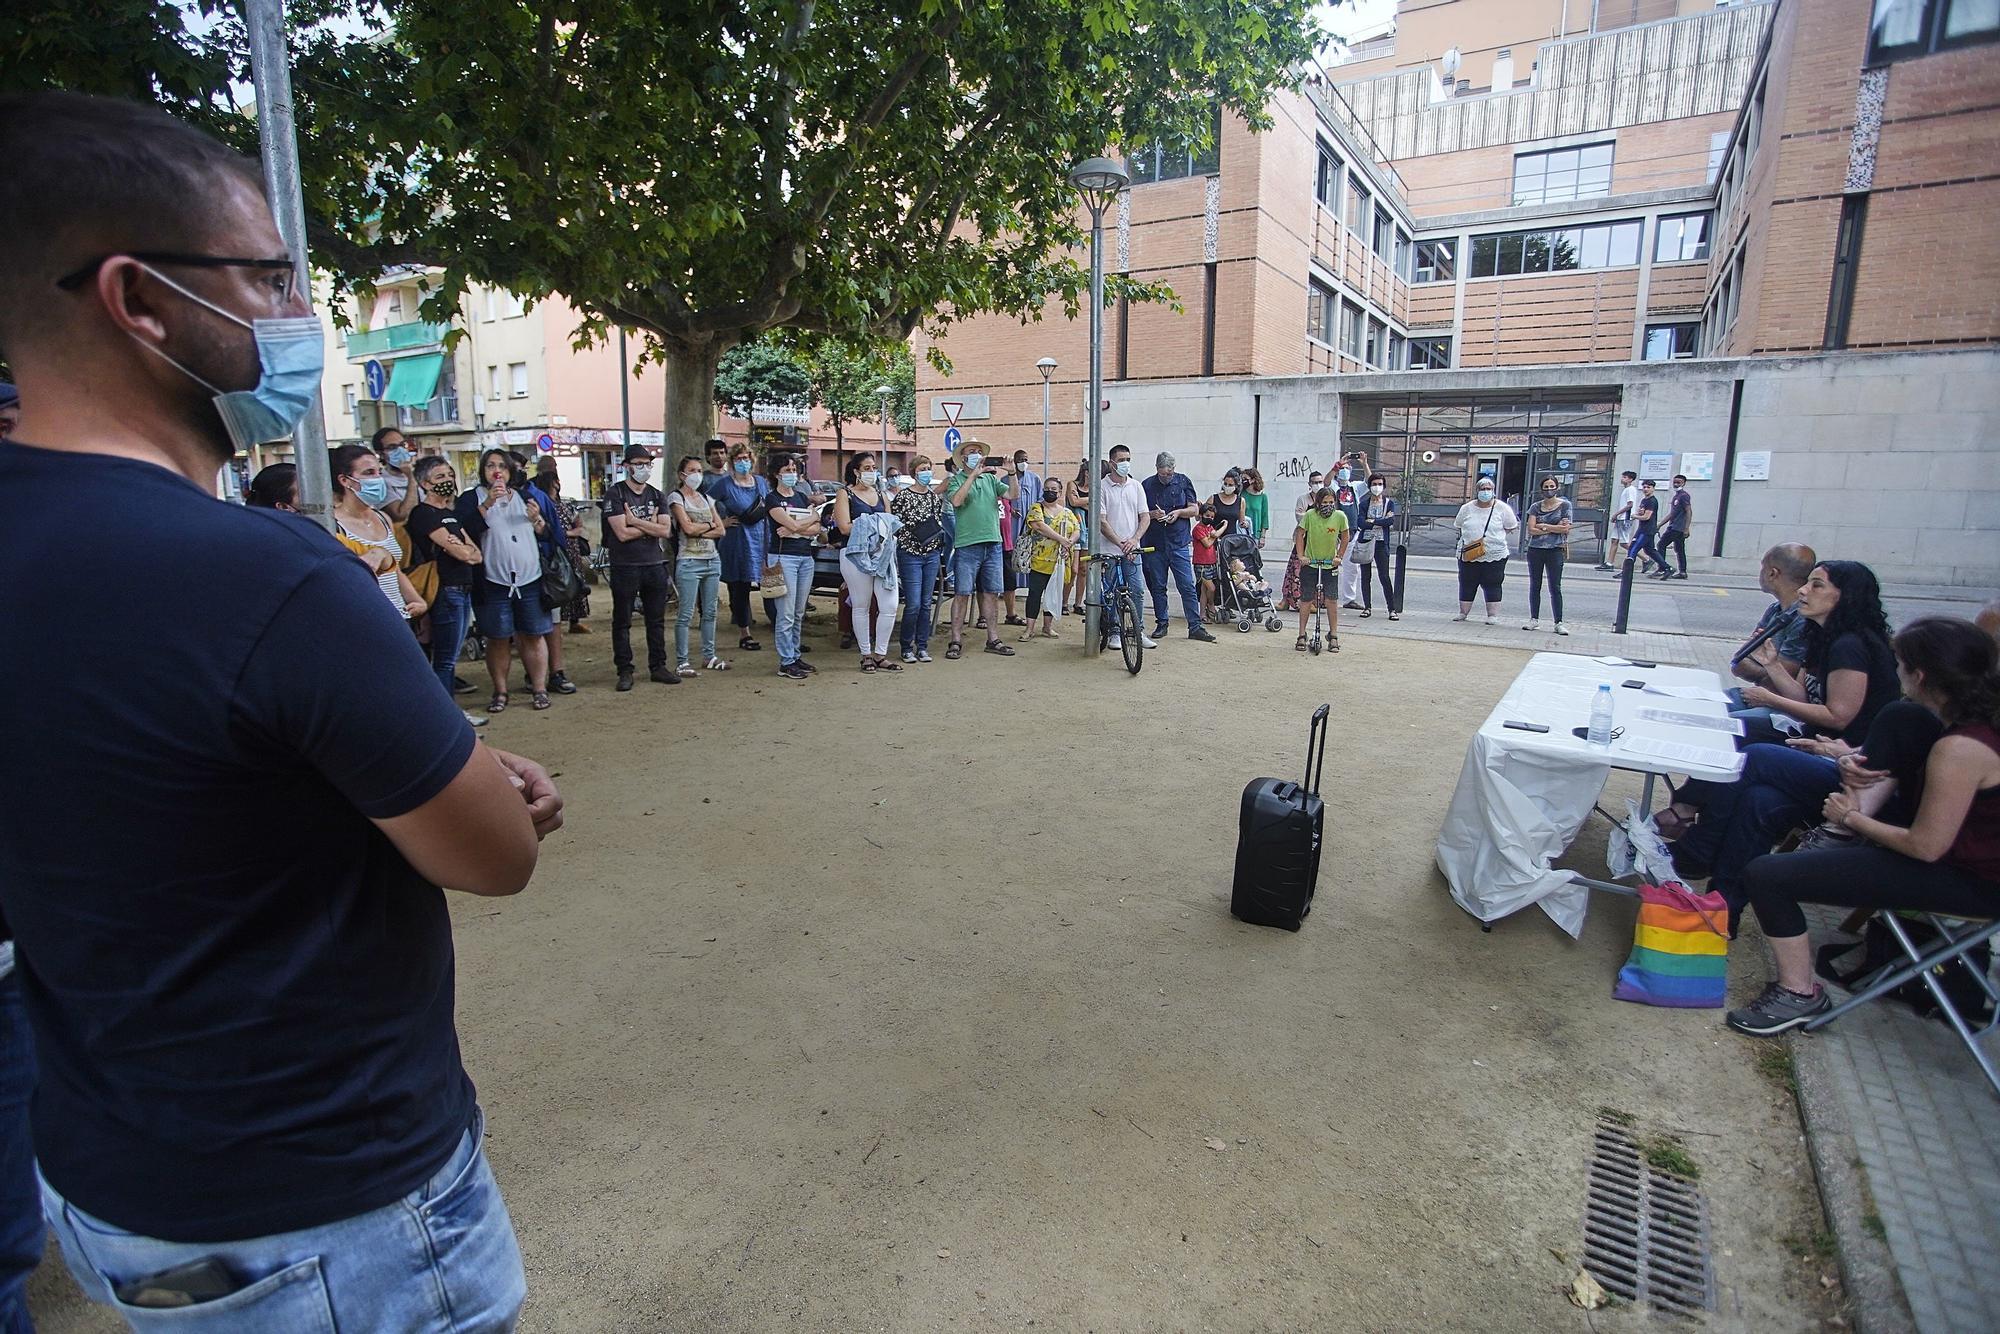 Nova protesta a Salt contra la segregació escolar al municipi